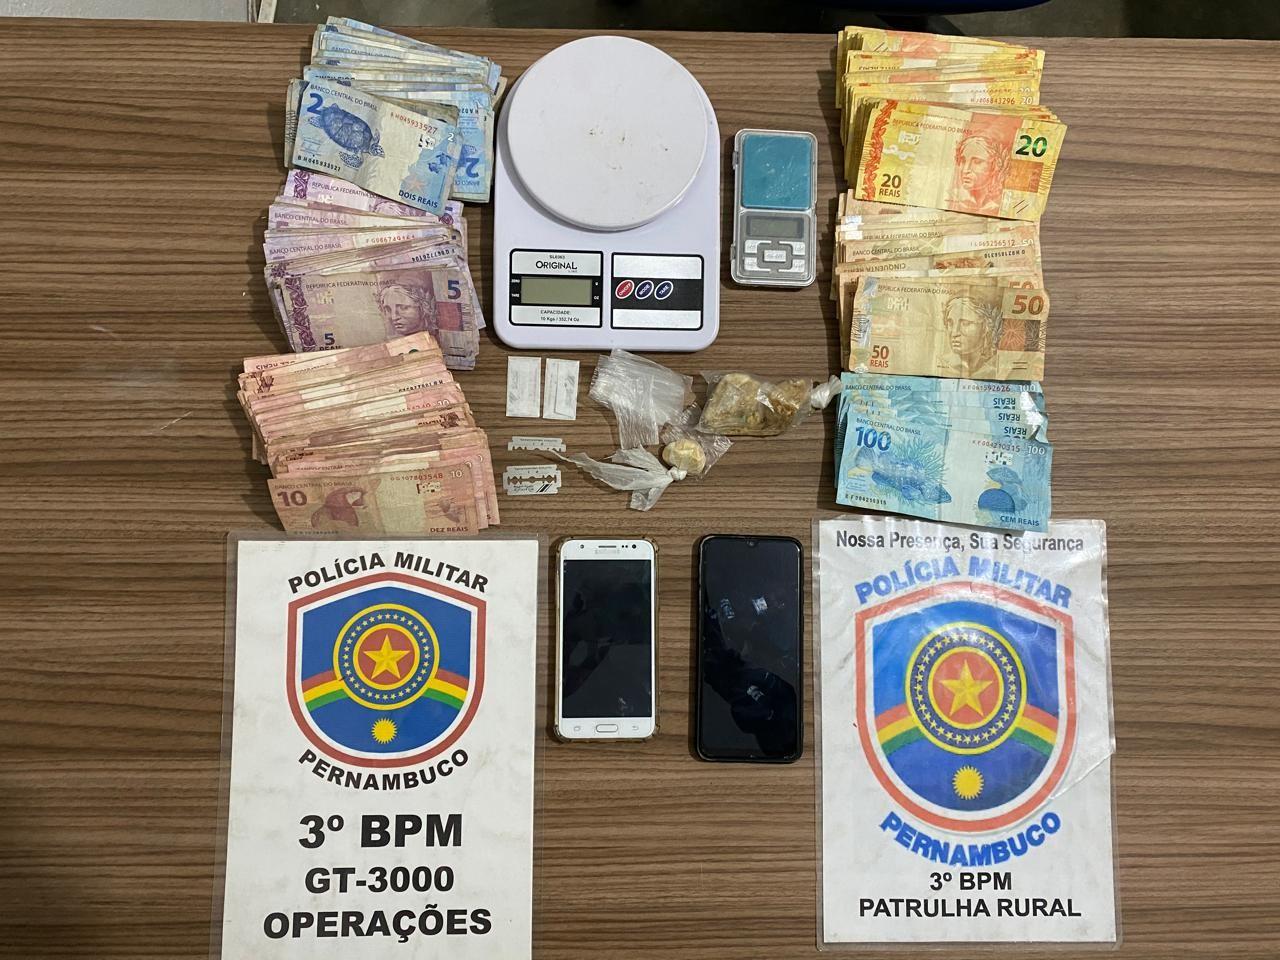 Dupla suspeita de tráfico de drogas é presa em Pedra